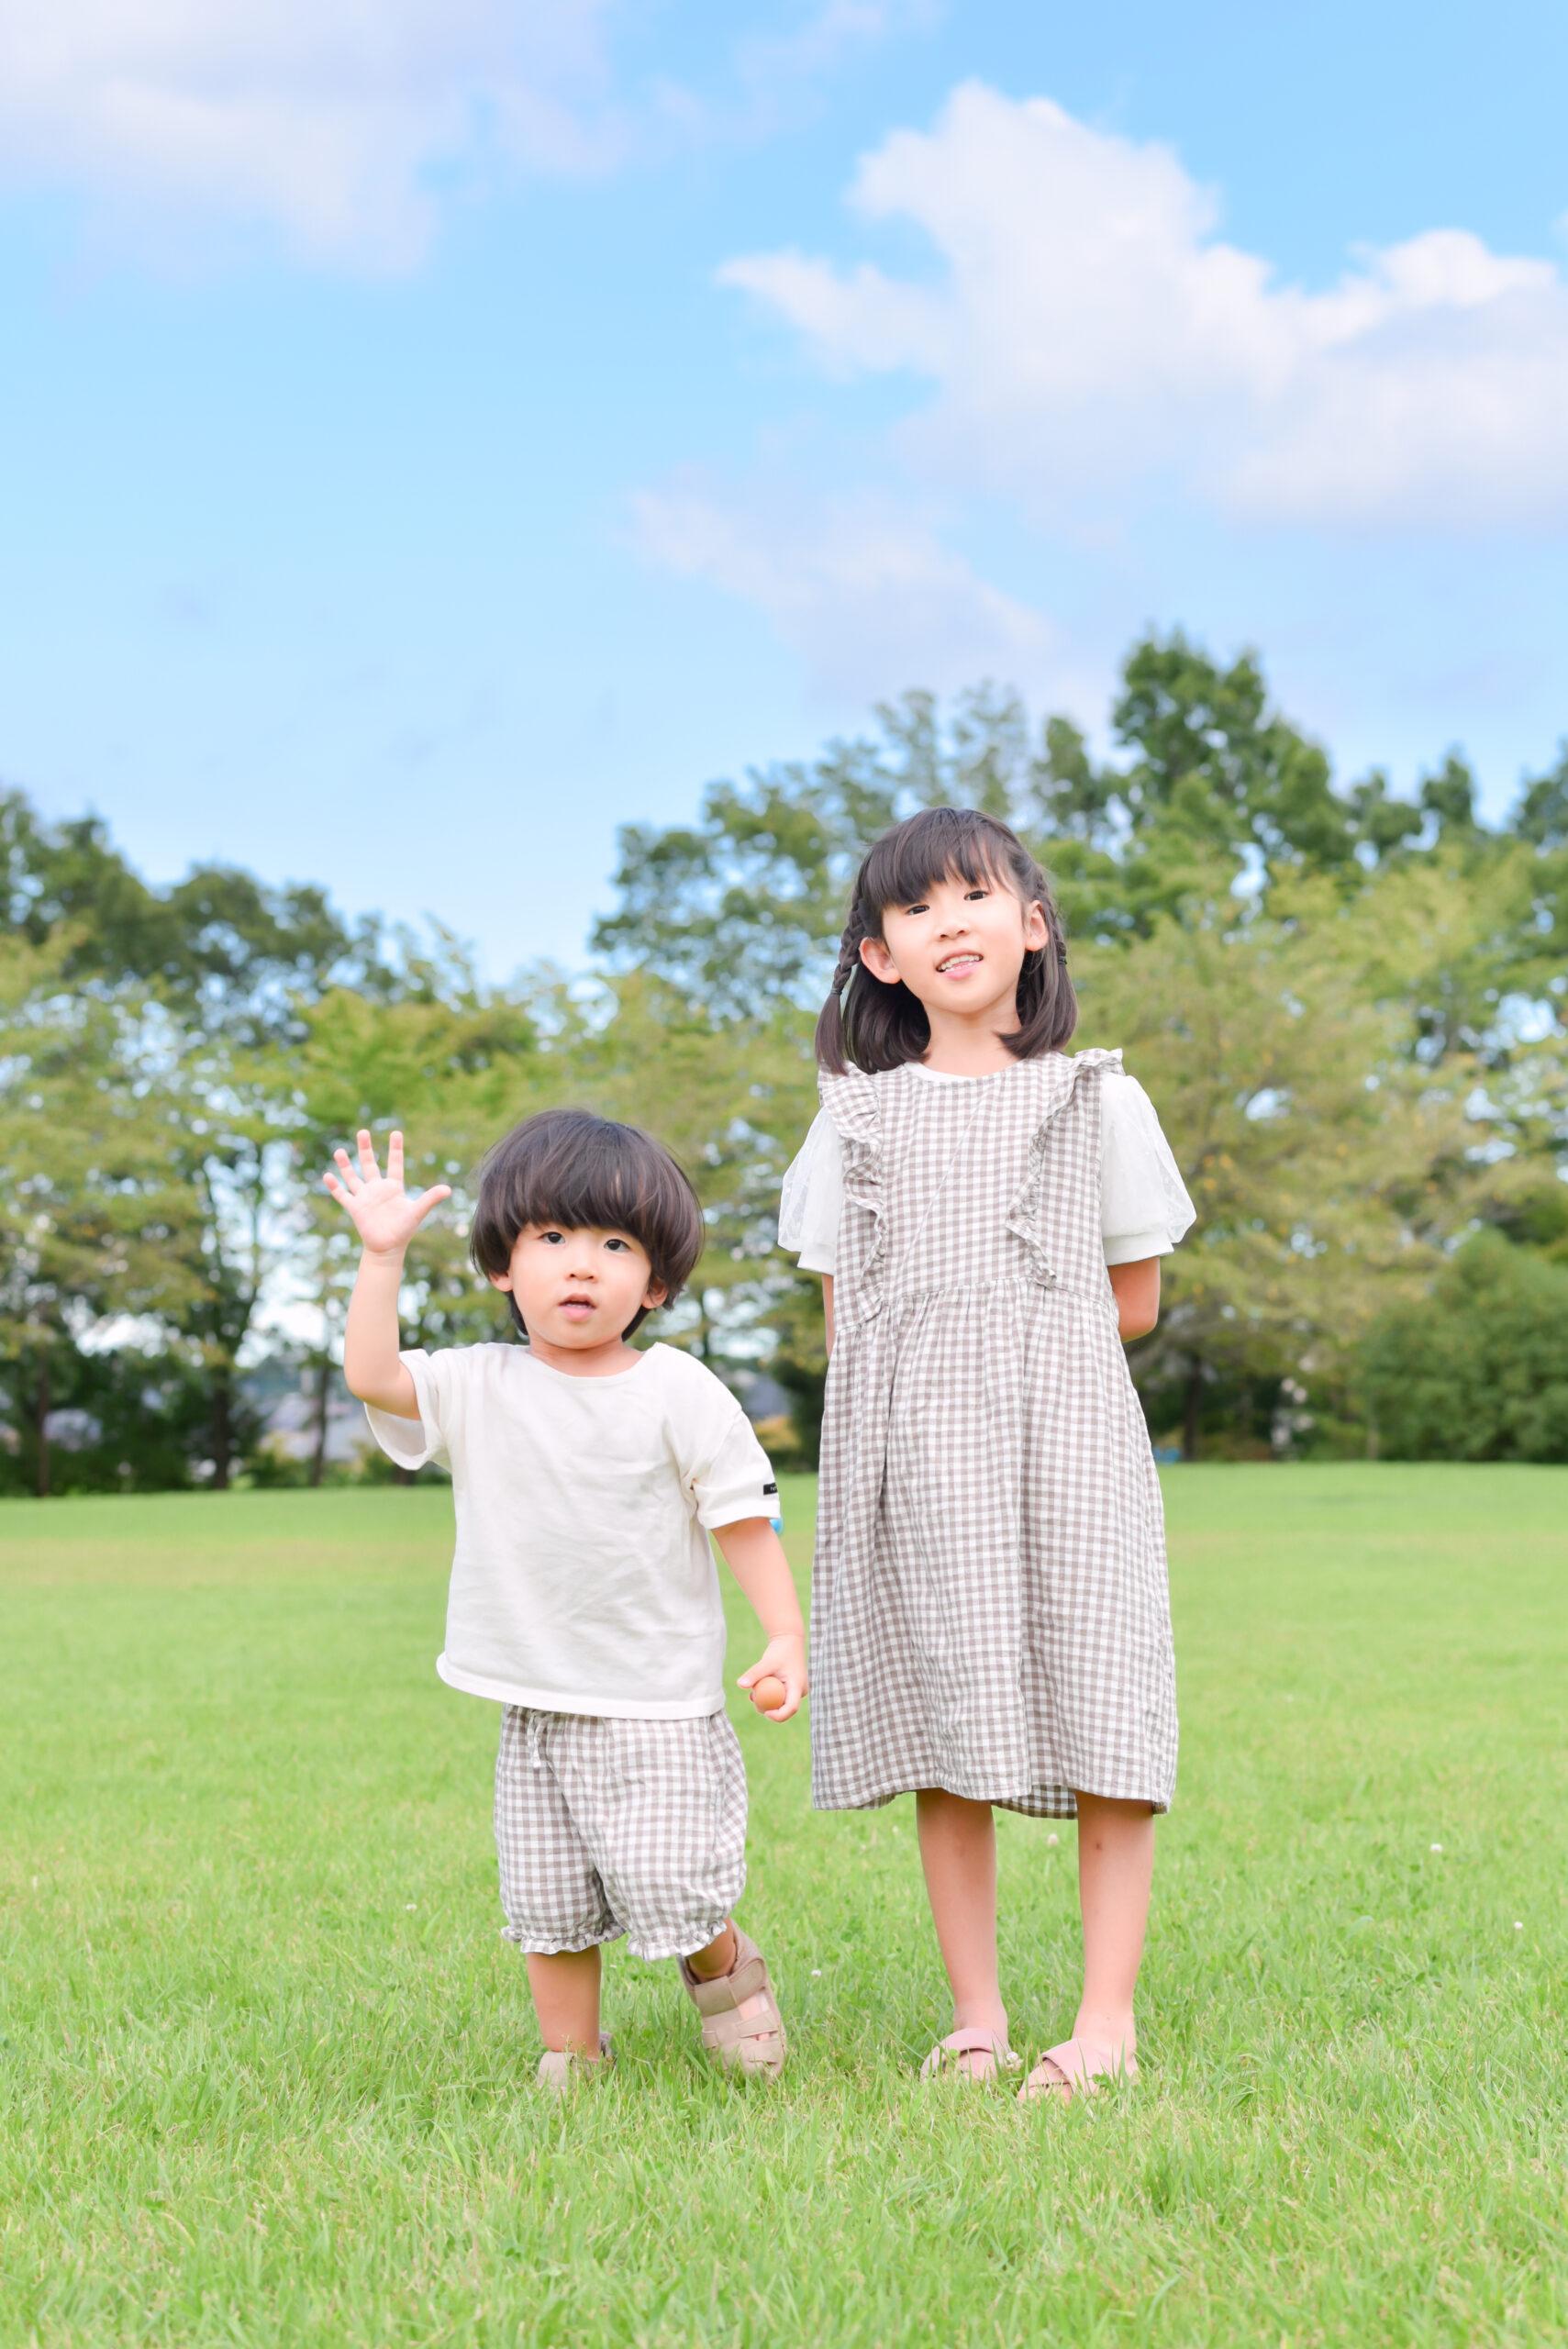 夏 公園 2歳 男の子 こども 6歳お姉ちゃんと二人写真 写真撮影 ロケーションフォト 宇都宮